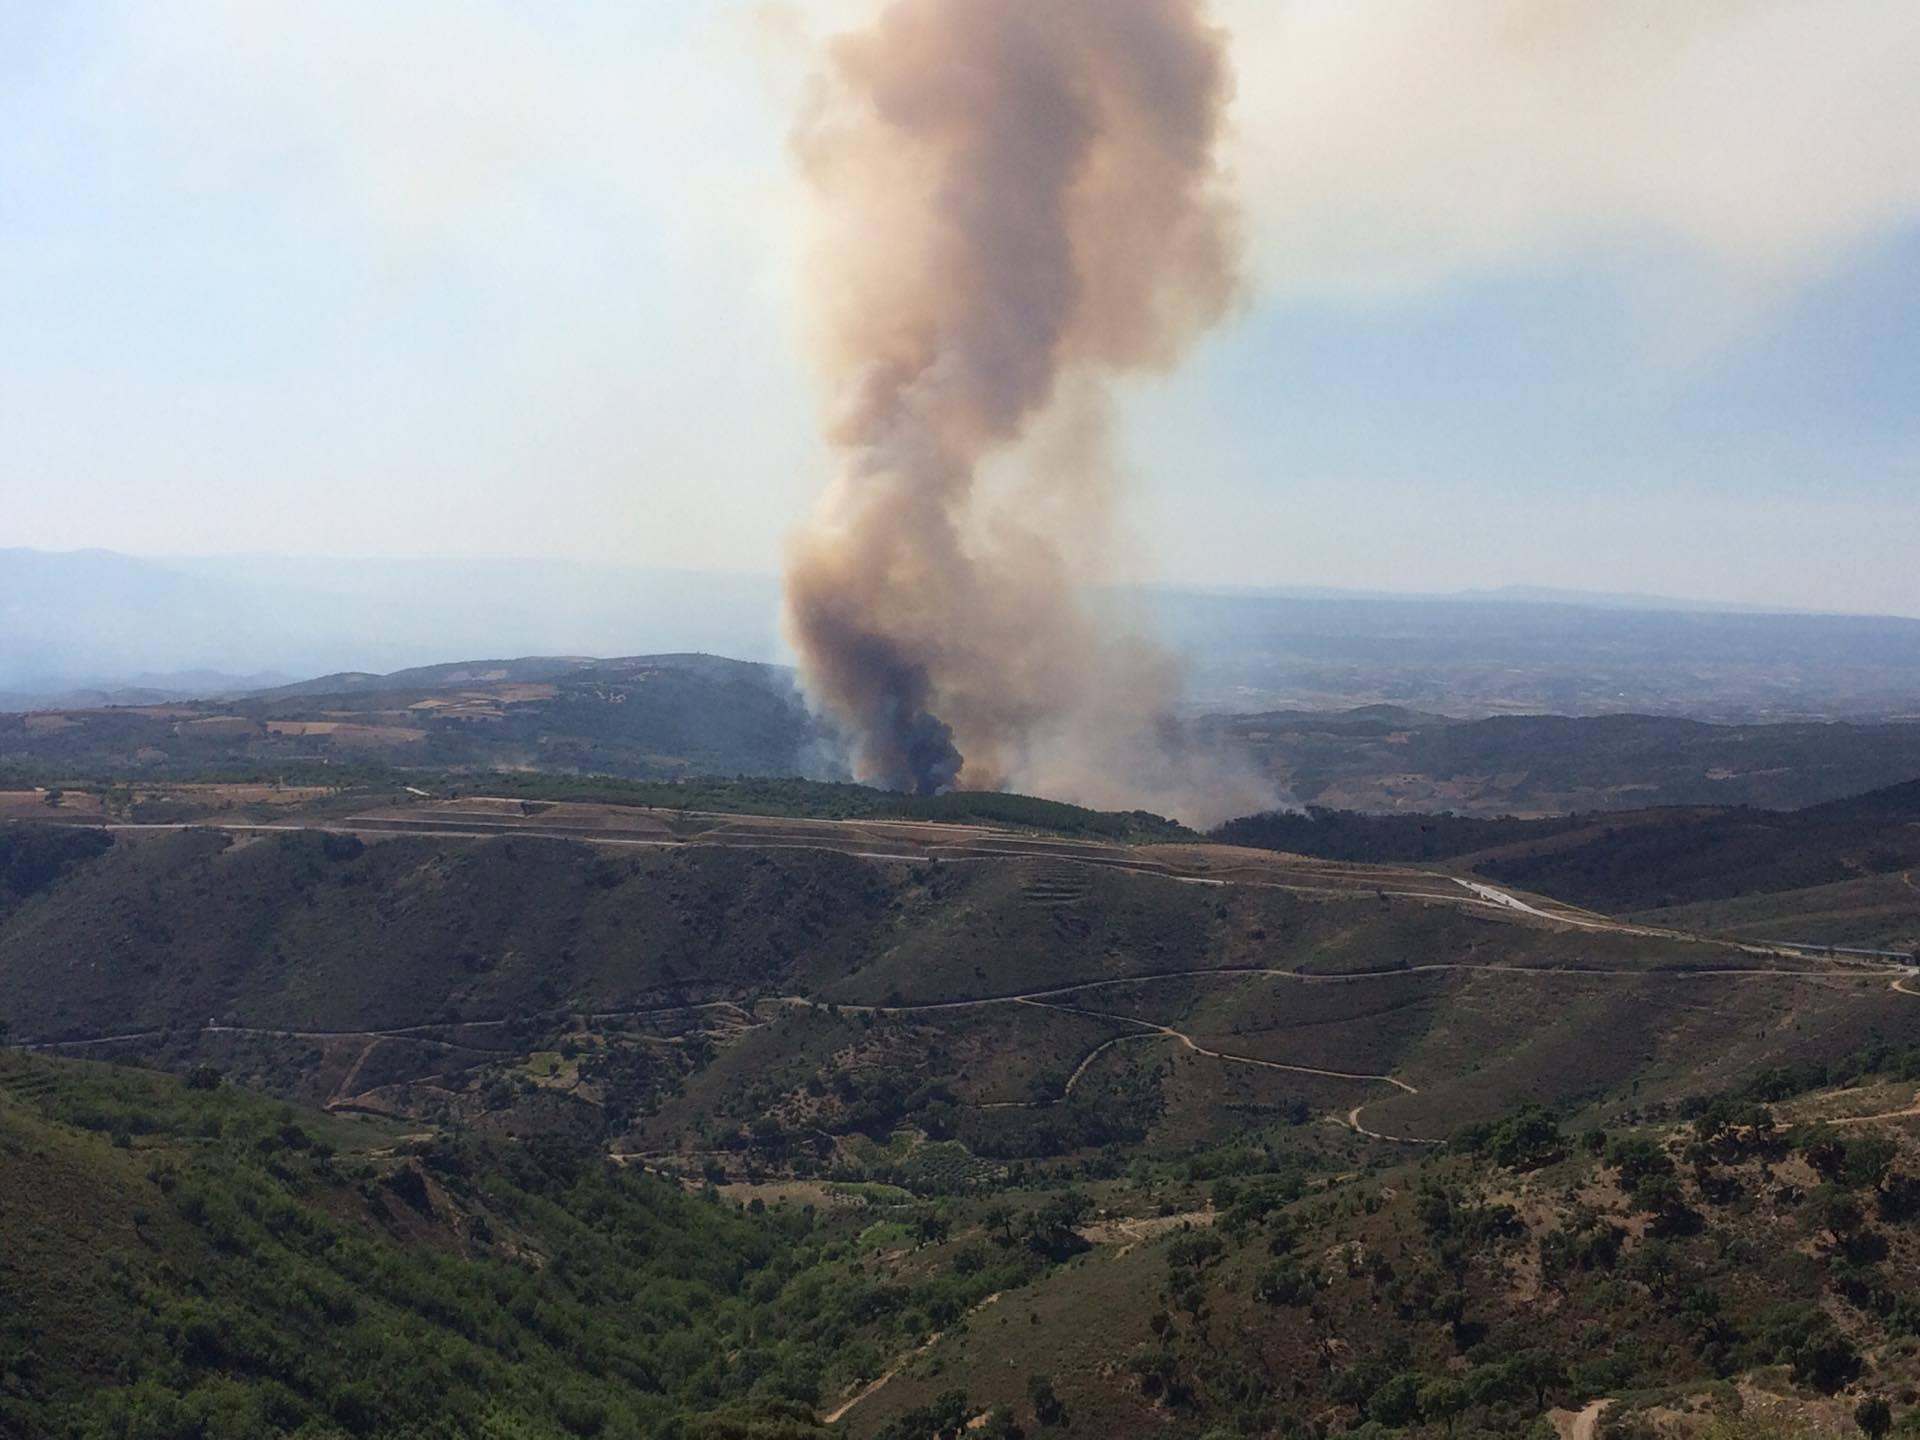 Incêndio em Vale de Asnes mobiliza 4 meios aéreos